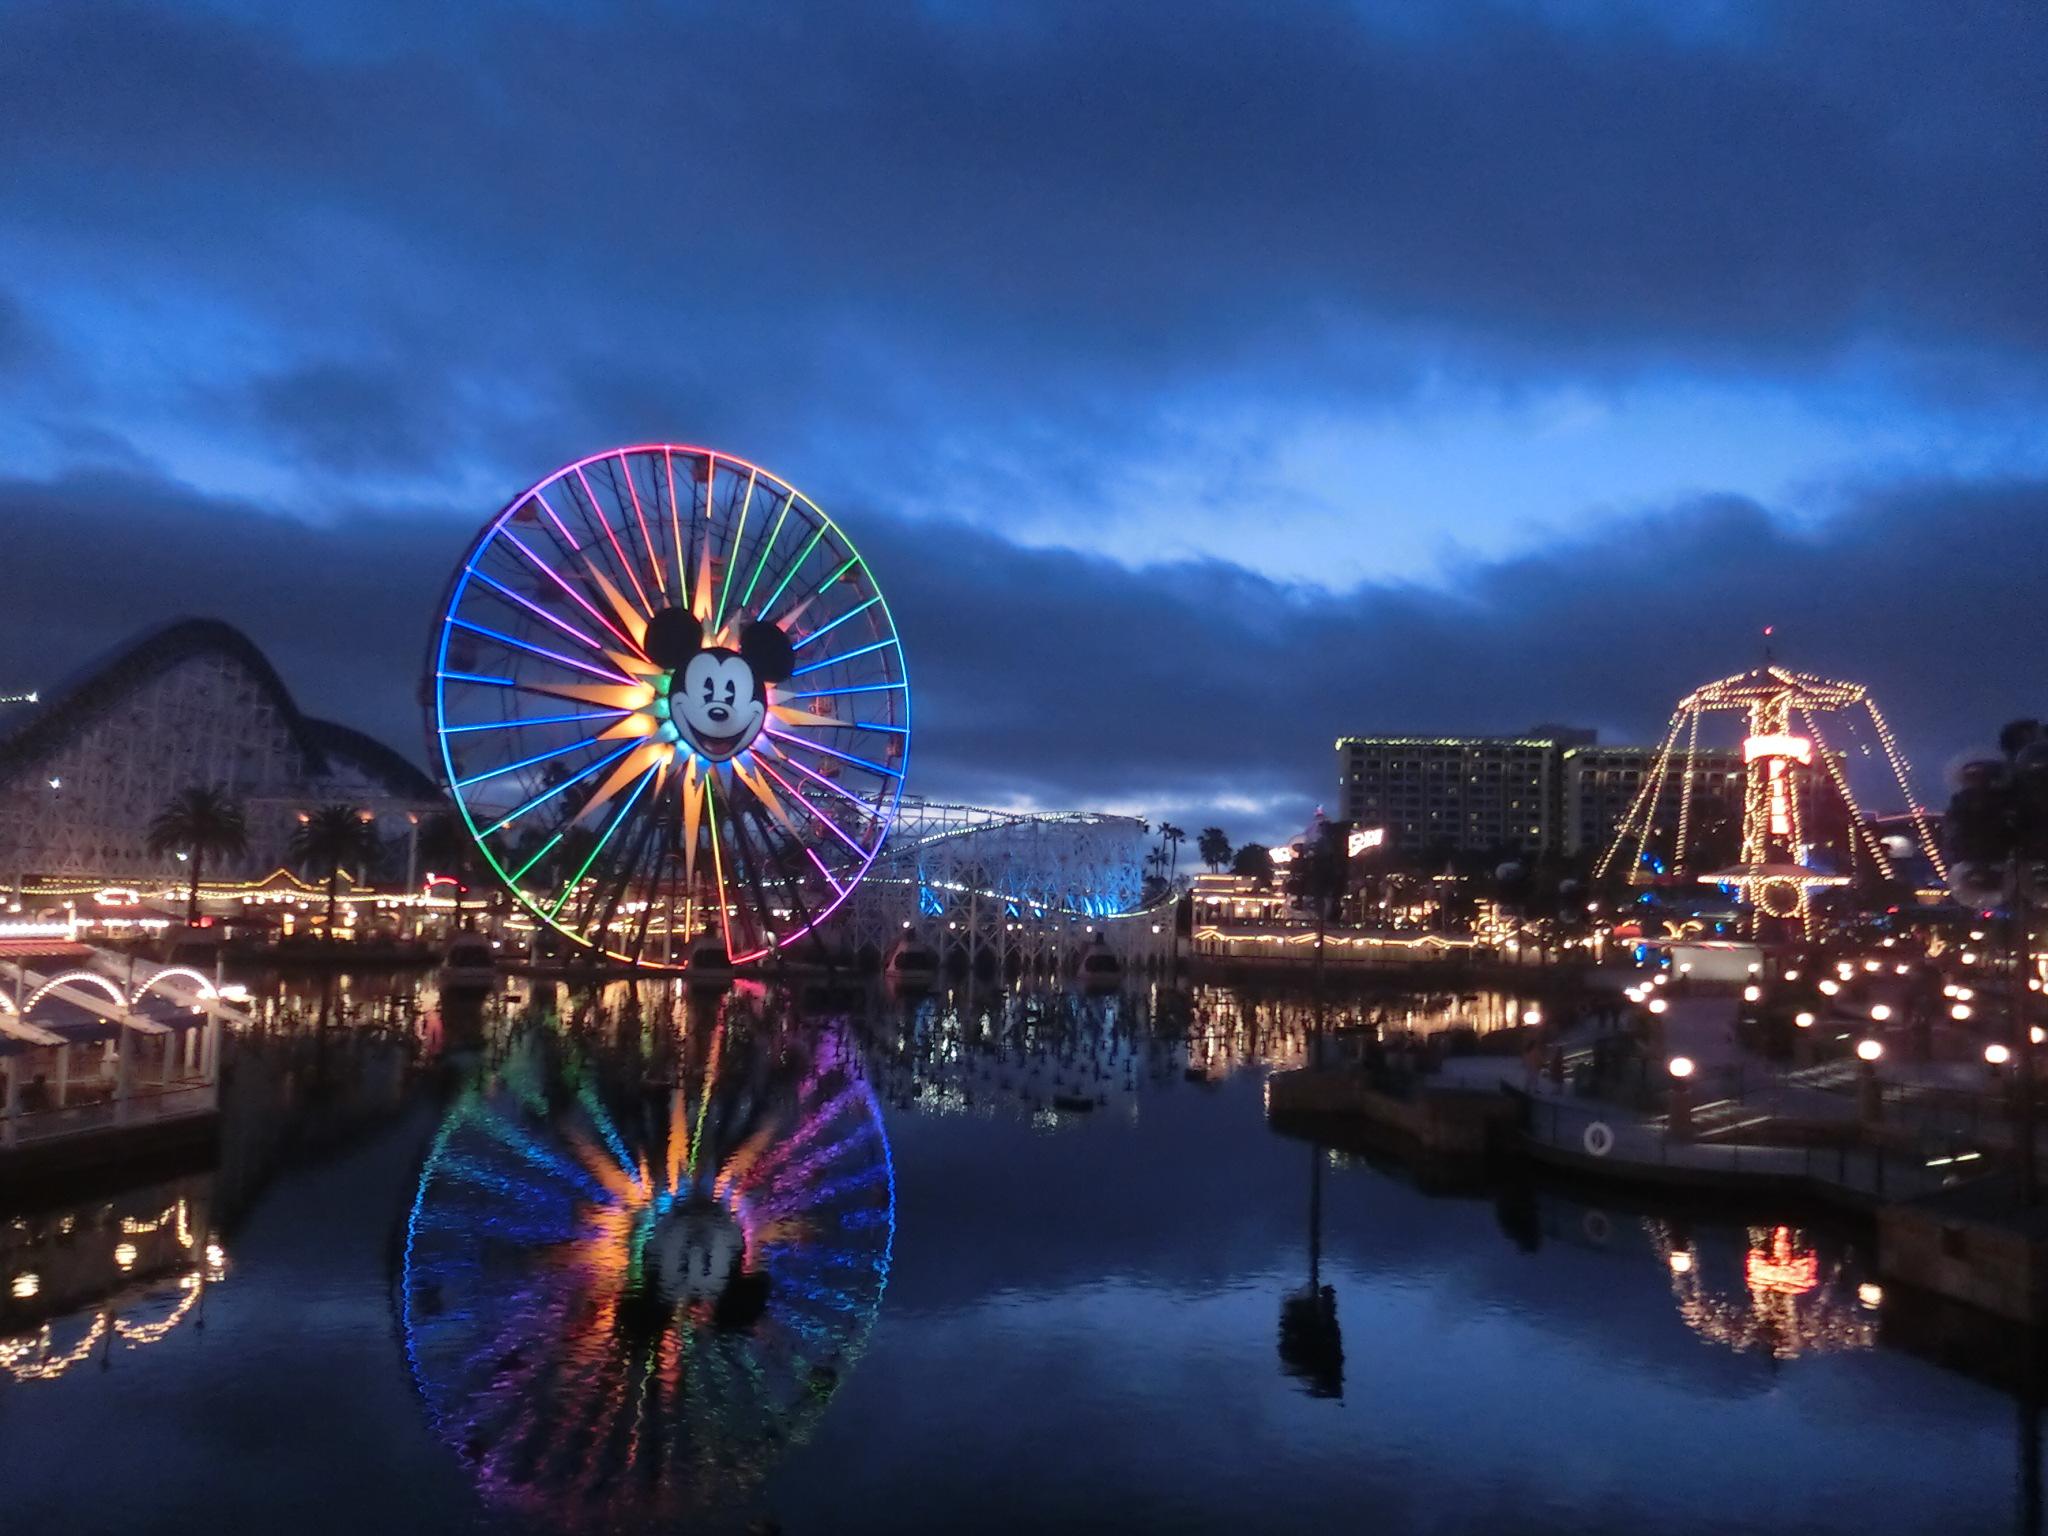 冒险之旅-加州迪士尼乐园